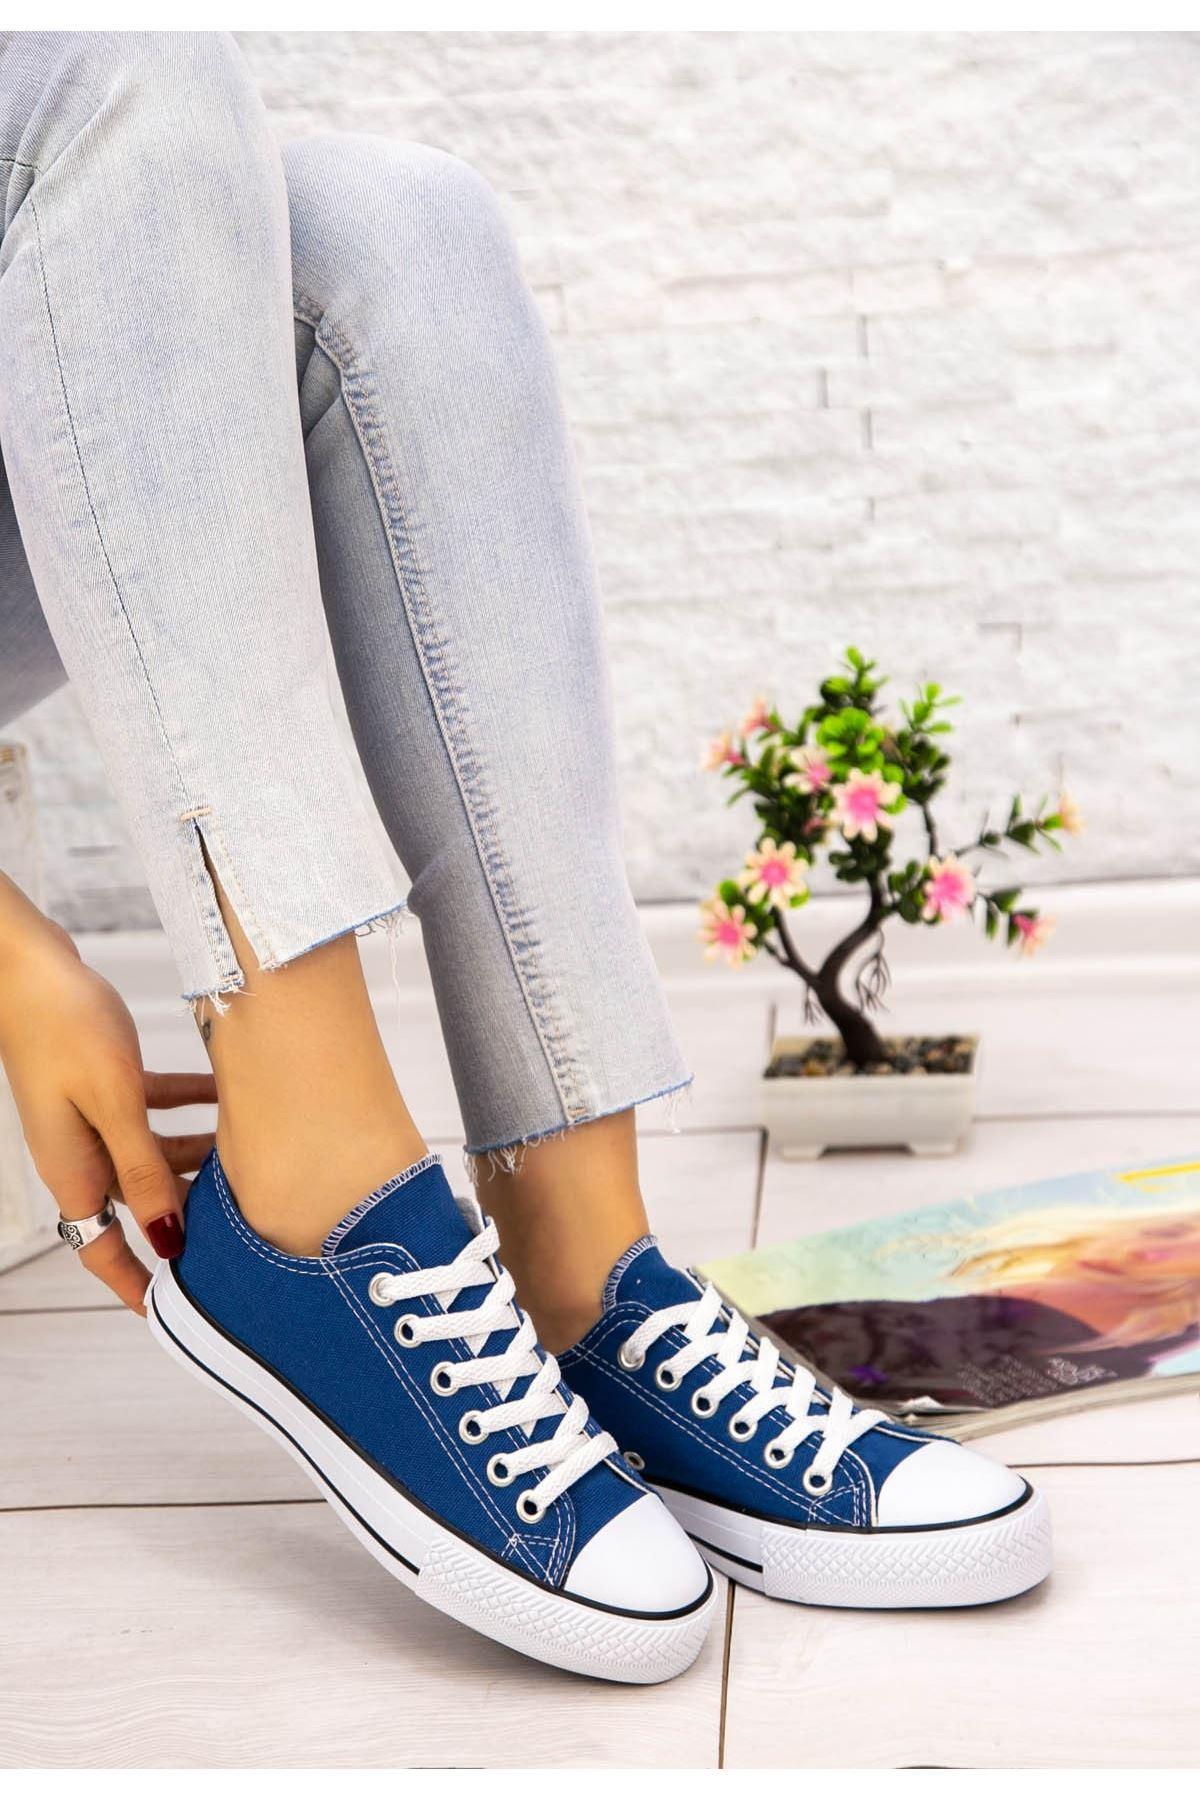 Moxi Kot Keten Spor Ayakkabı